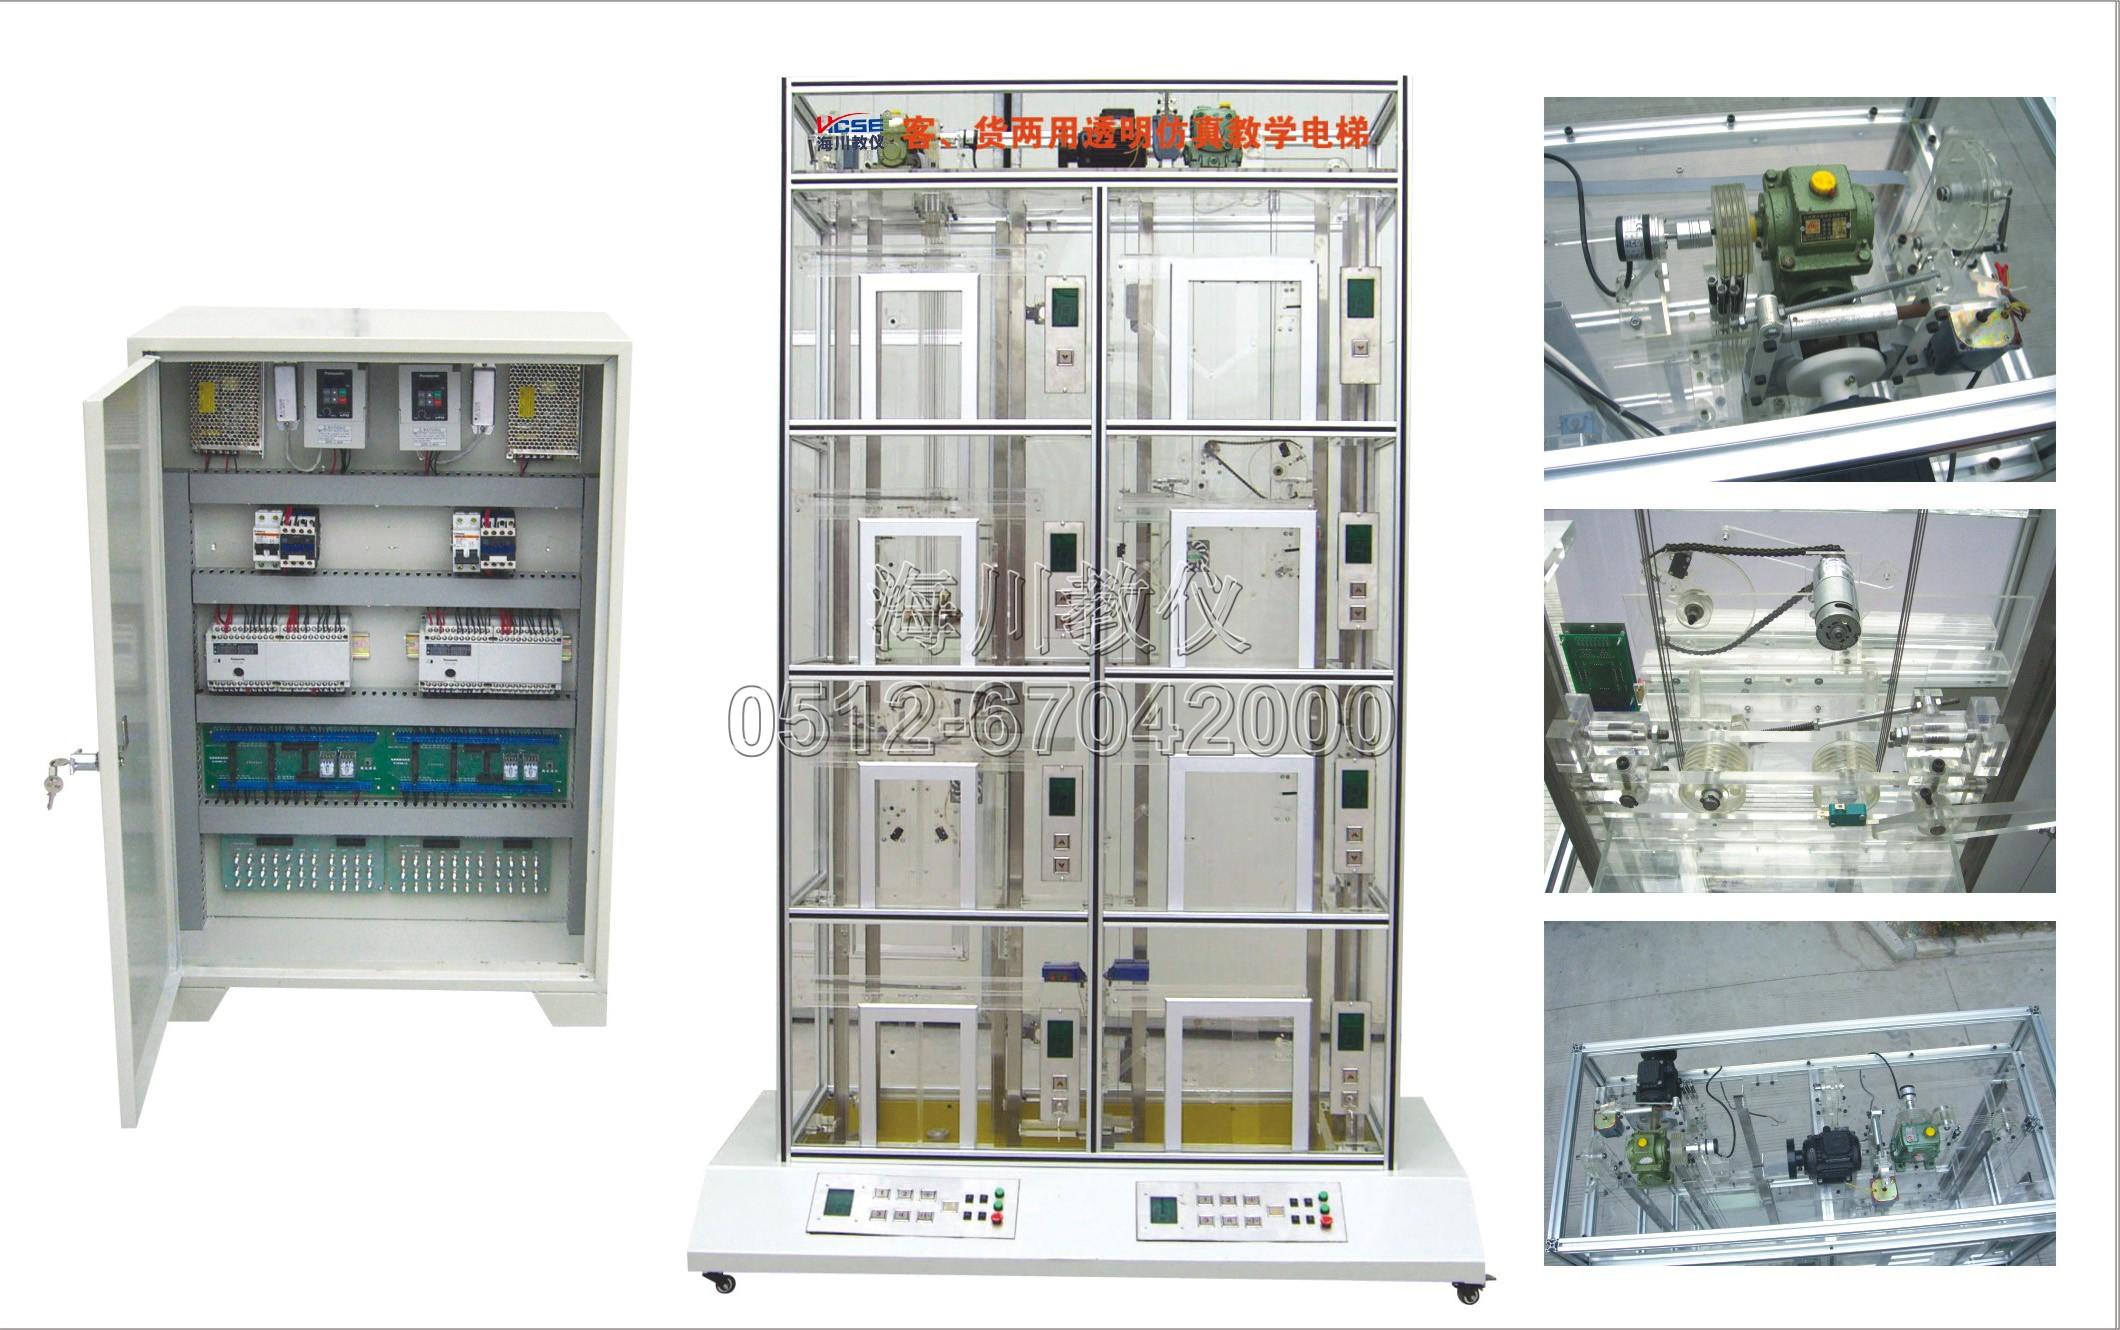 客、货透明仿真教学电梯实训装置产品图片